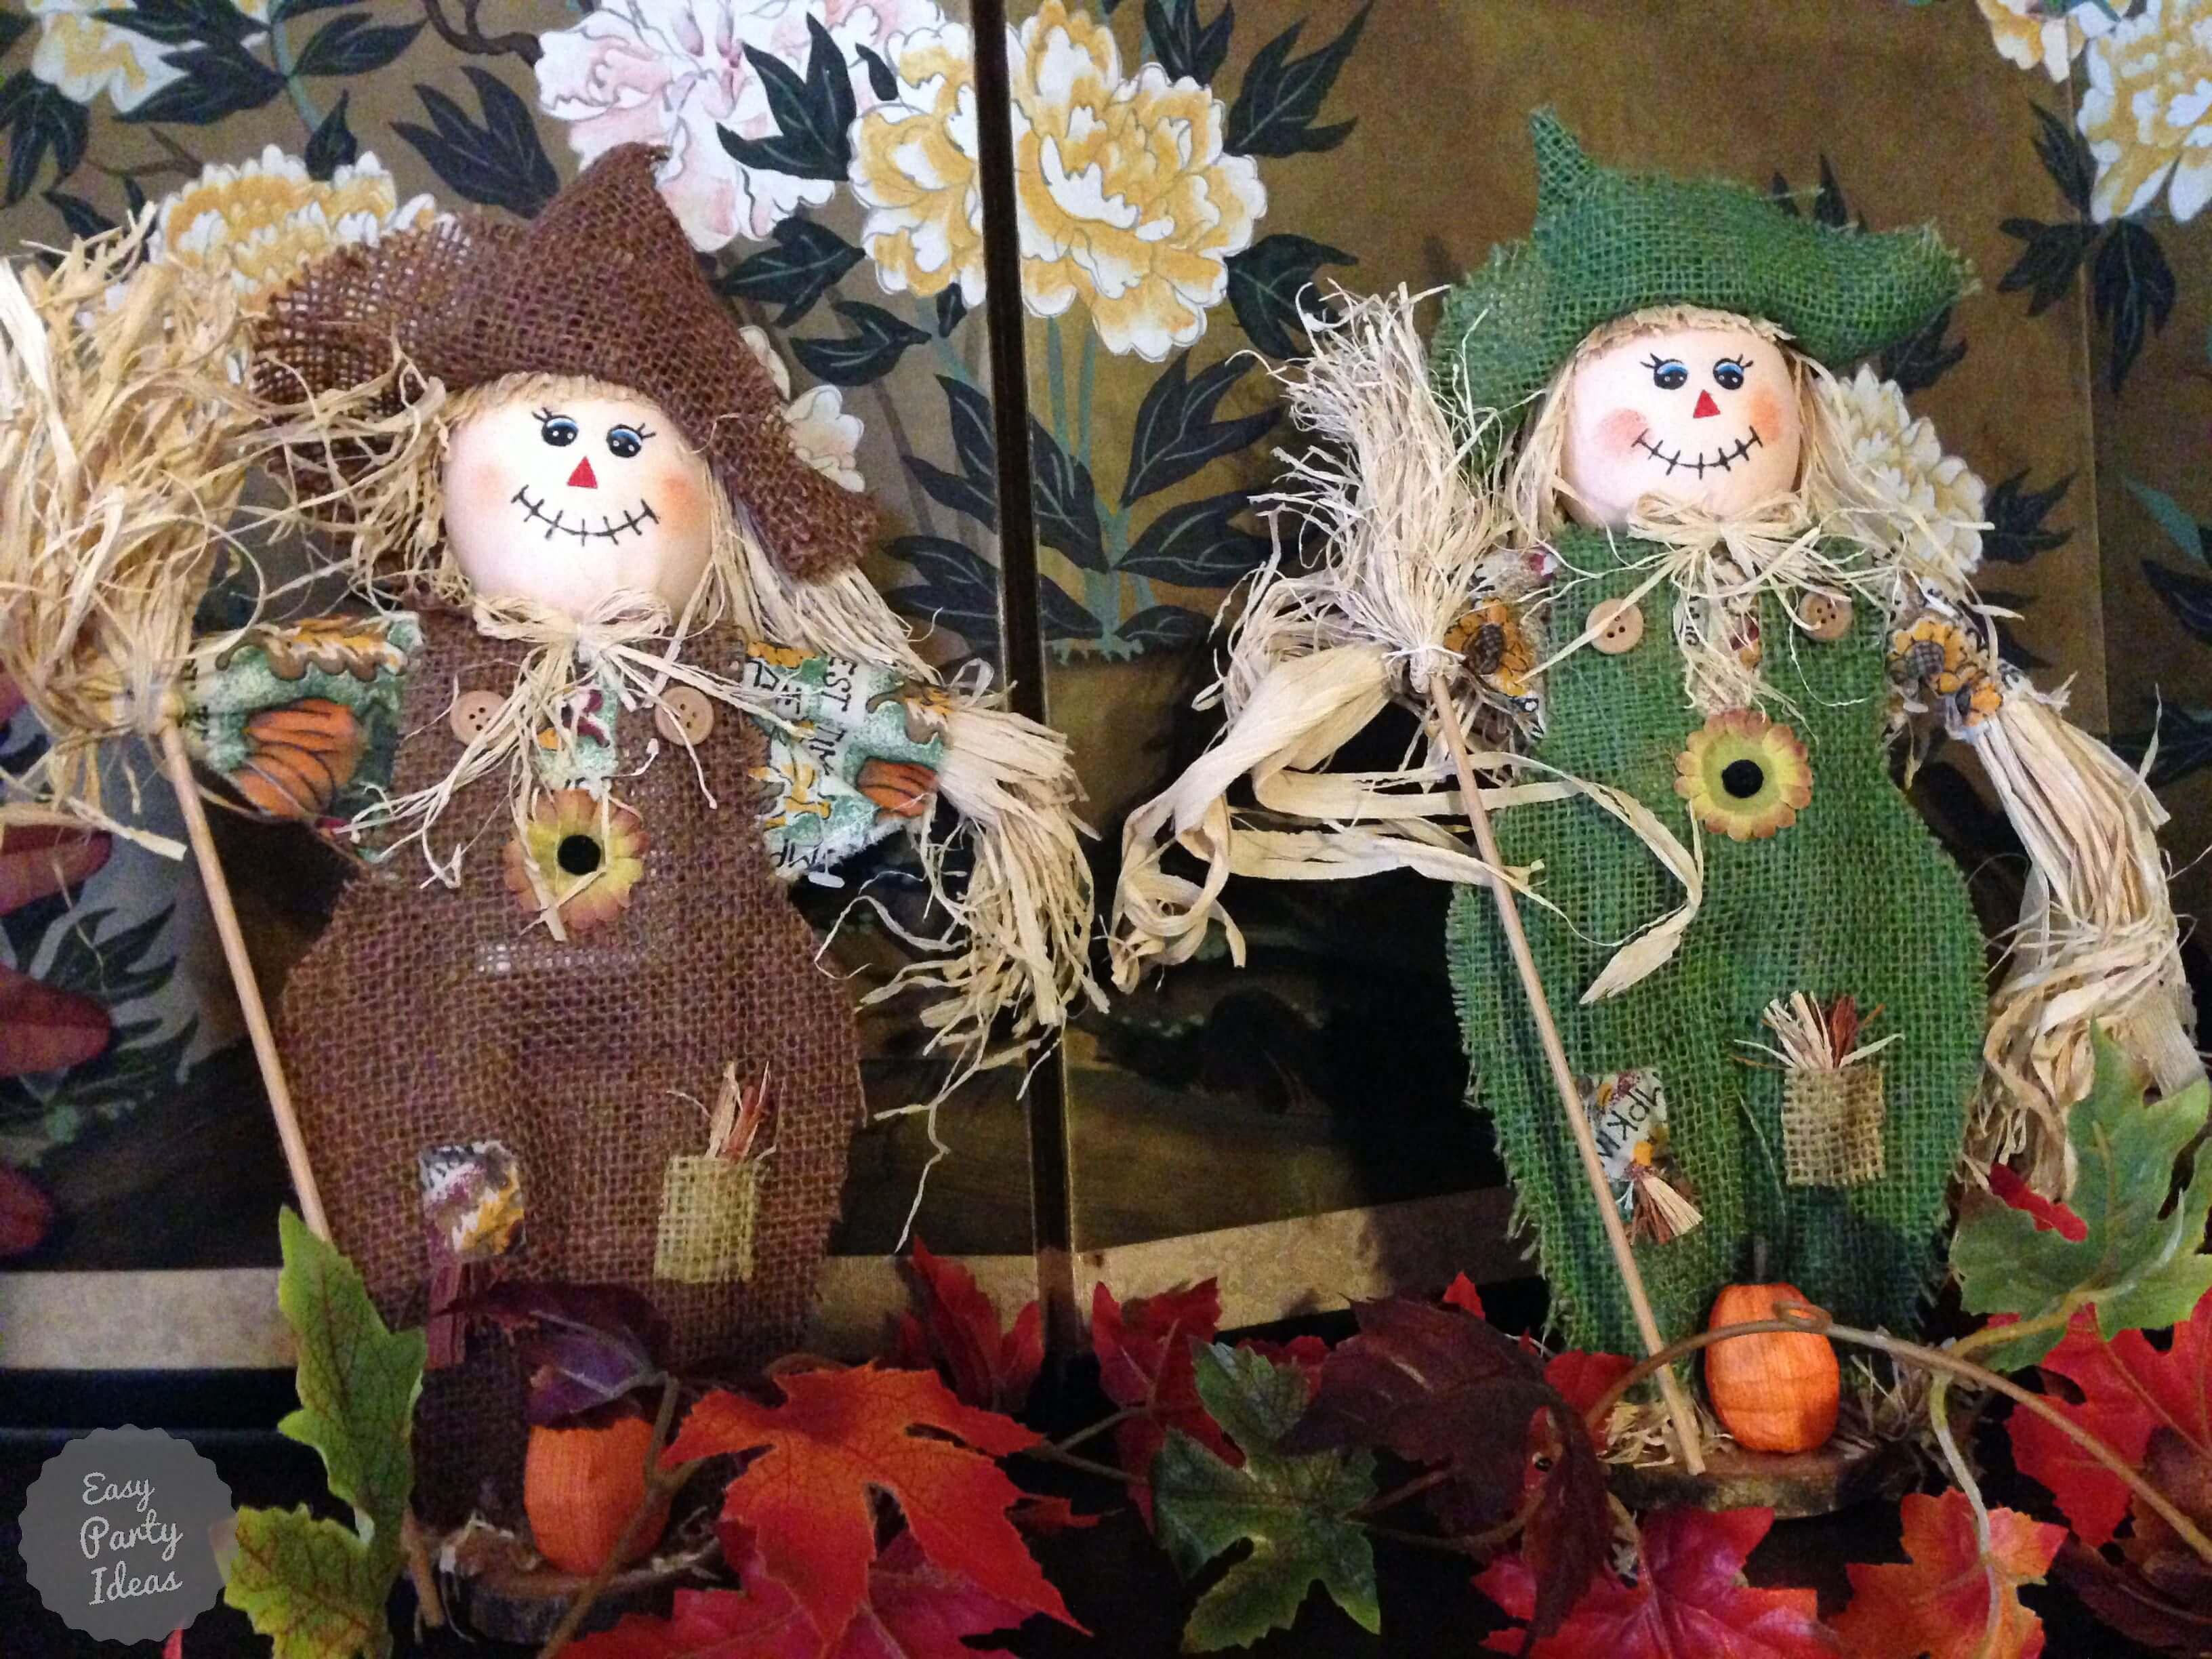 Scarecrow Decorations